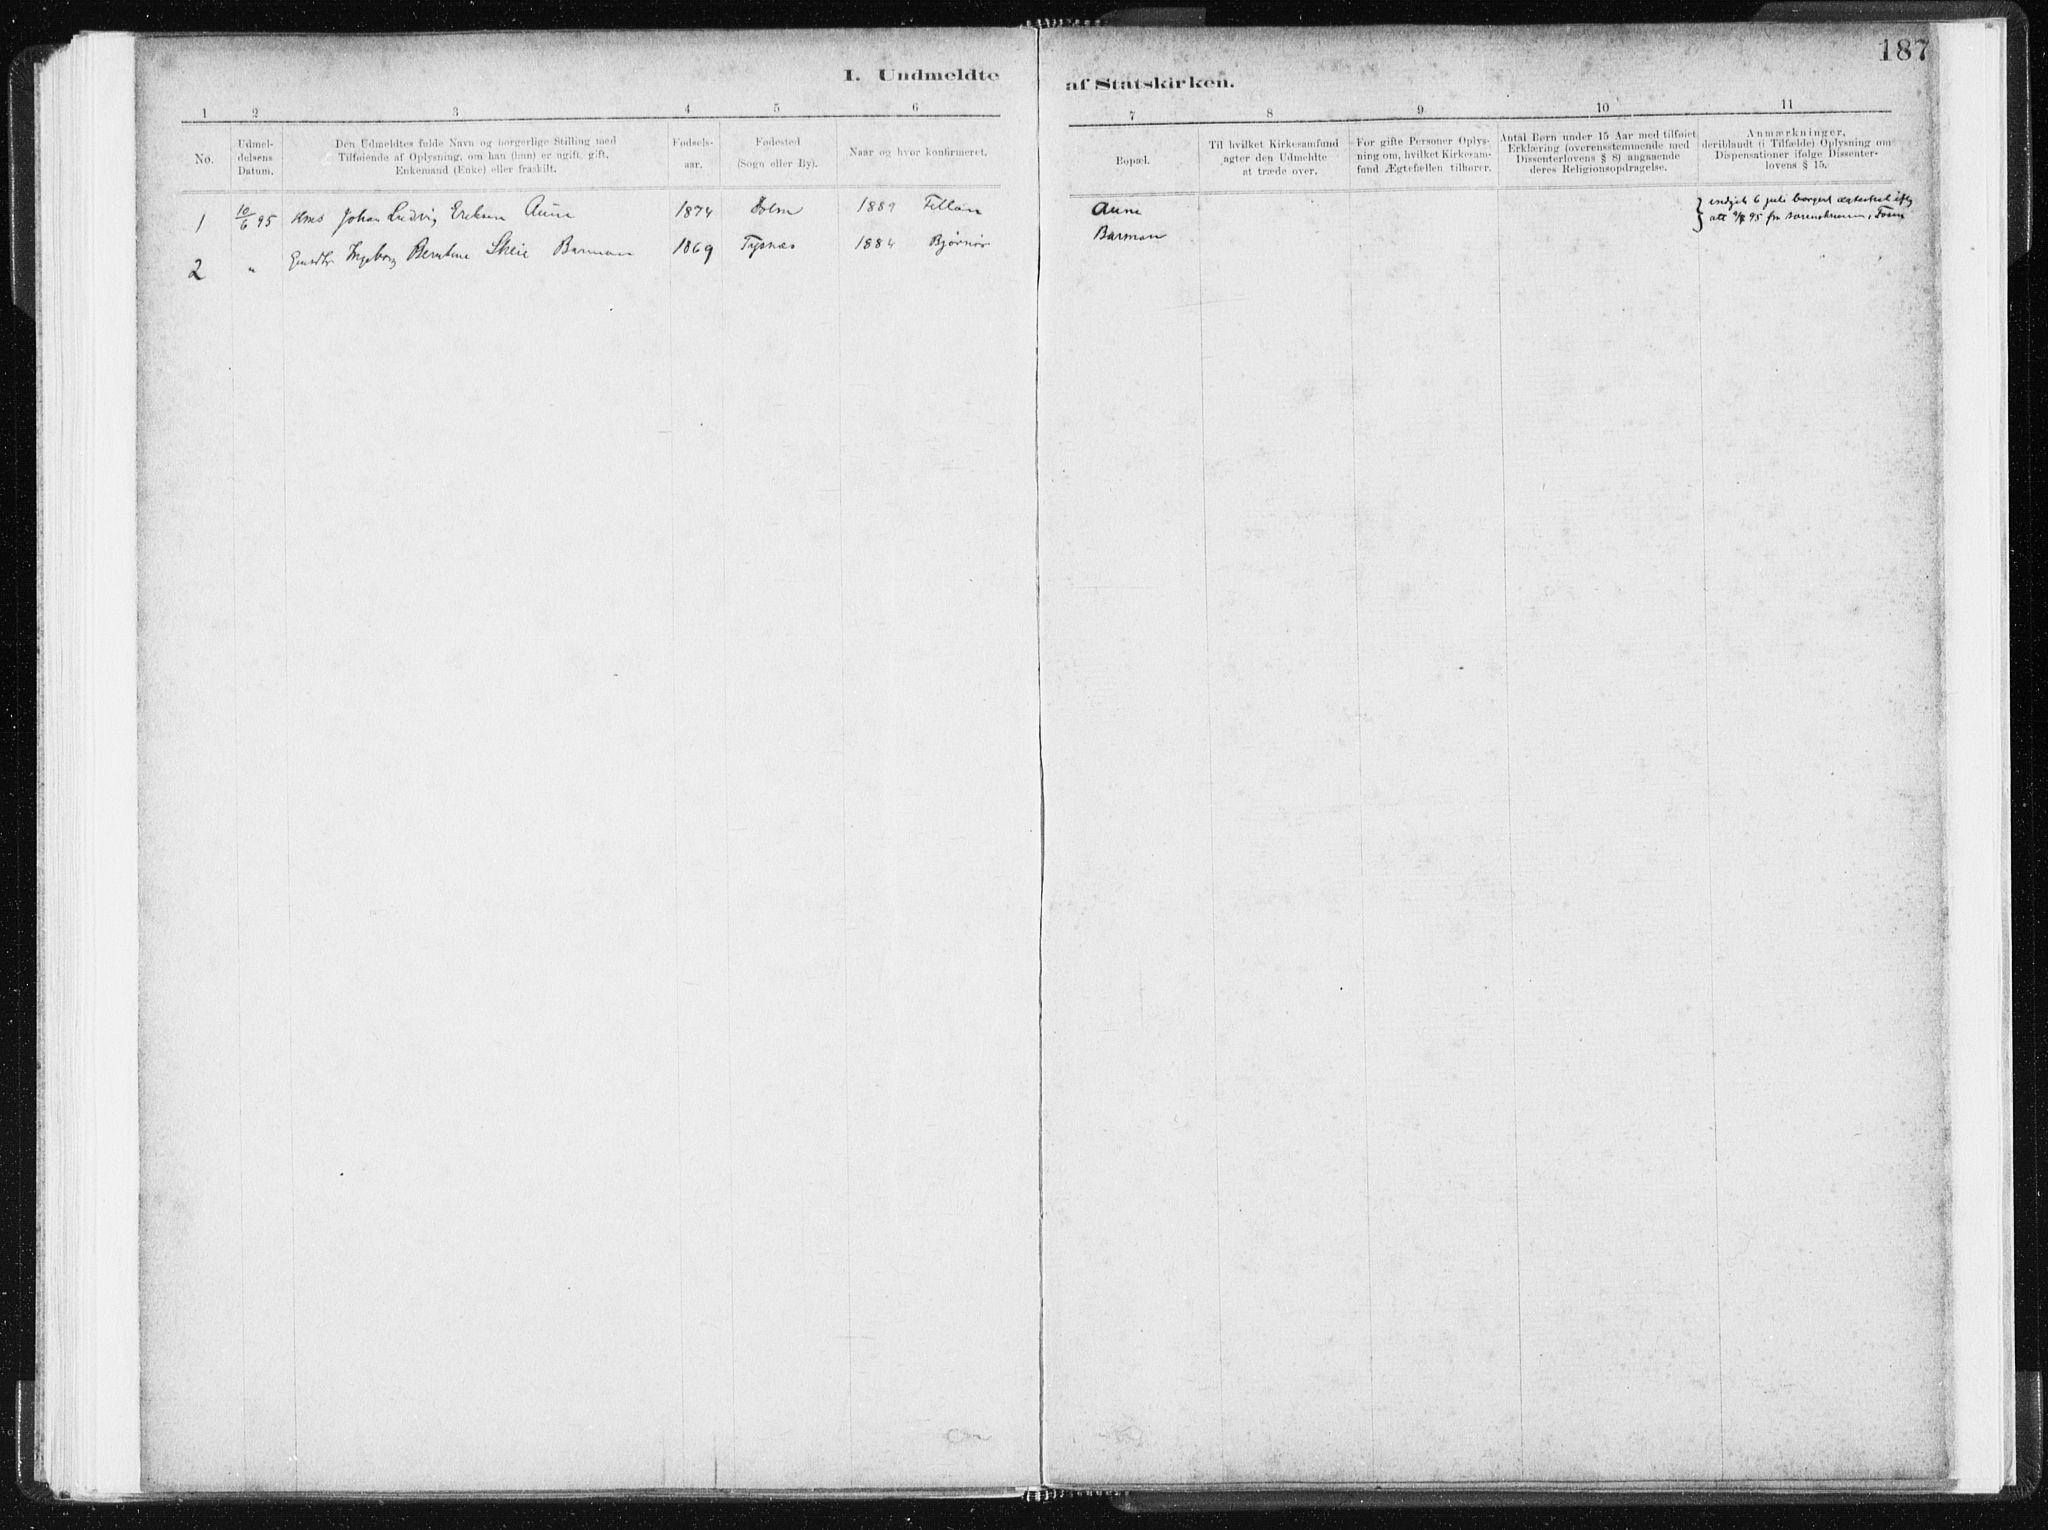 SAT, Ministerialprotokoller, klokkerbøker og fødselsregistre - Sør-Trøndelag, 634/L0533: Ministerialbok nr. 634A09, 1882-1901, s. 187